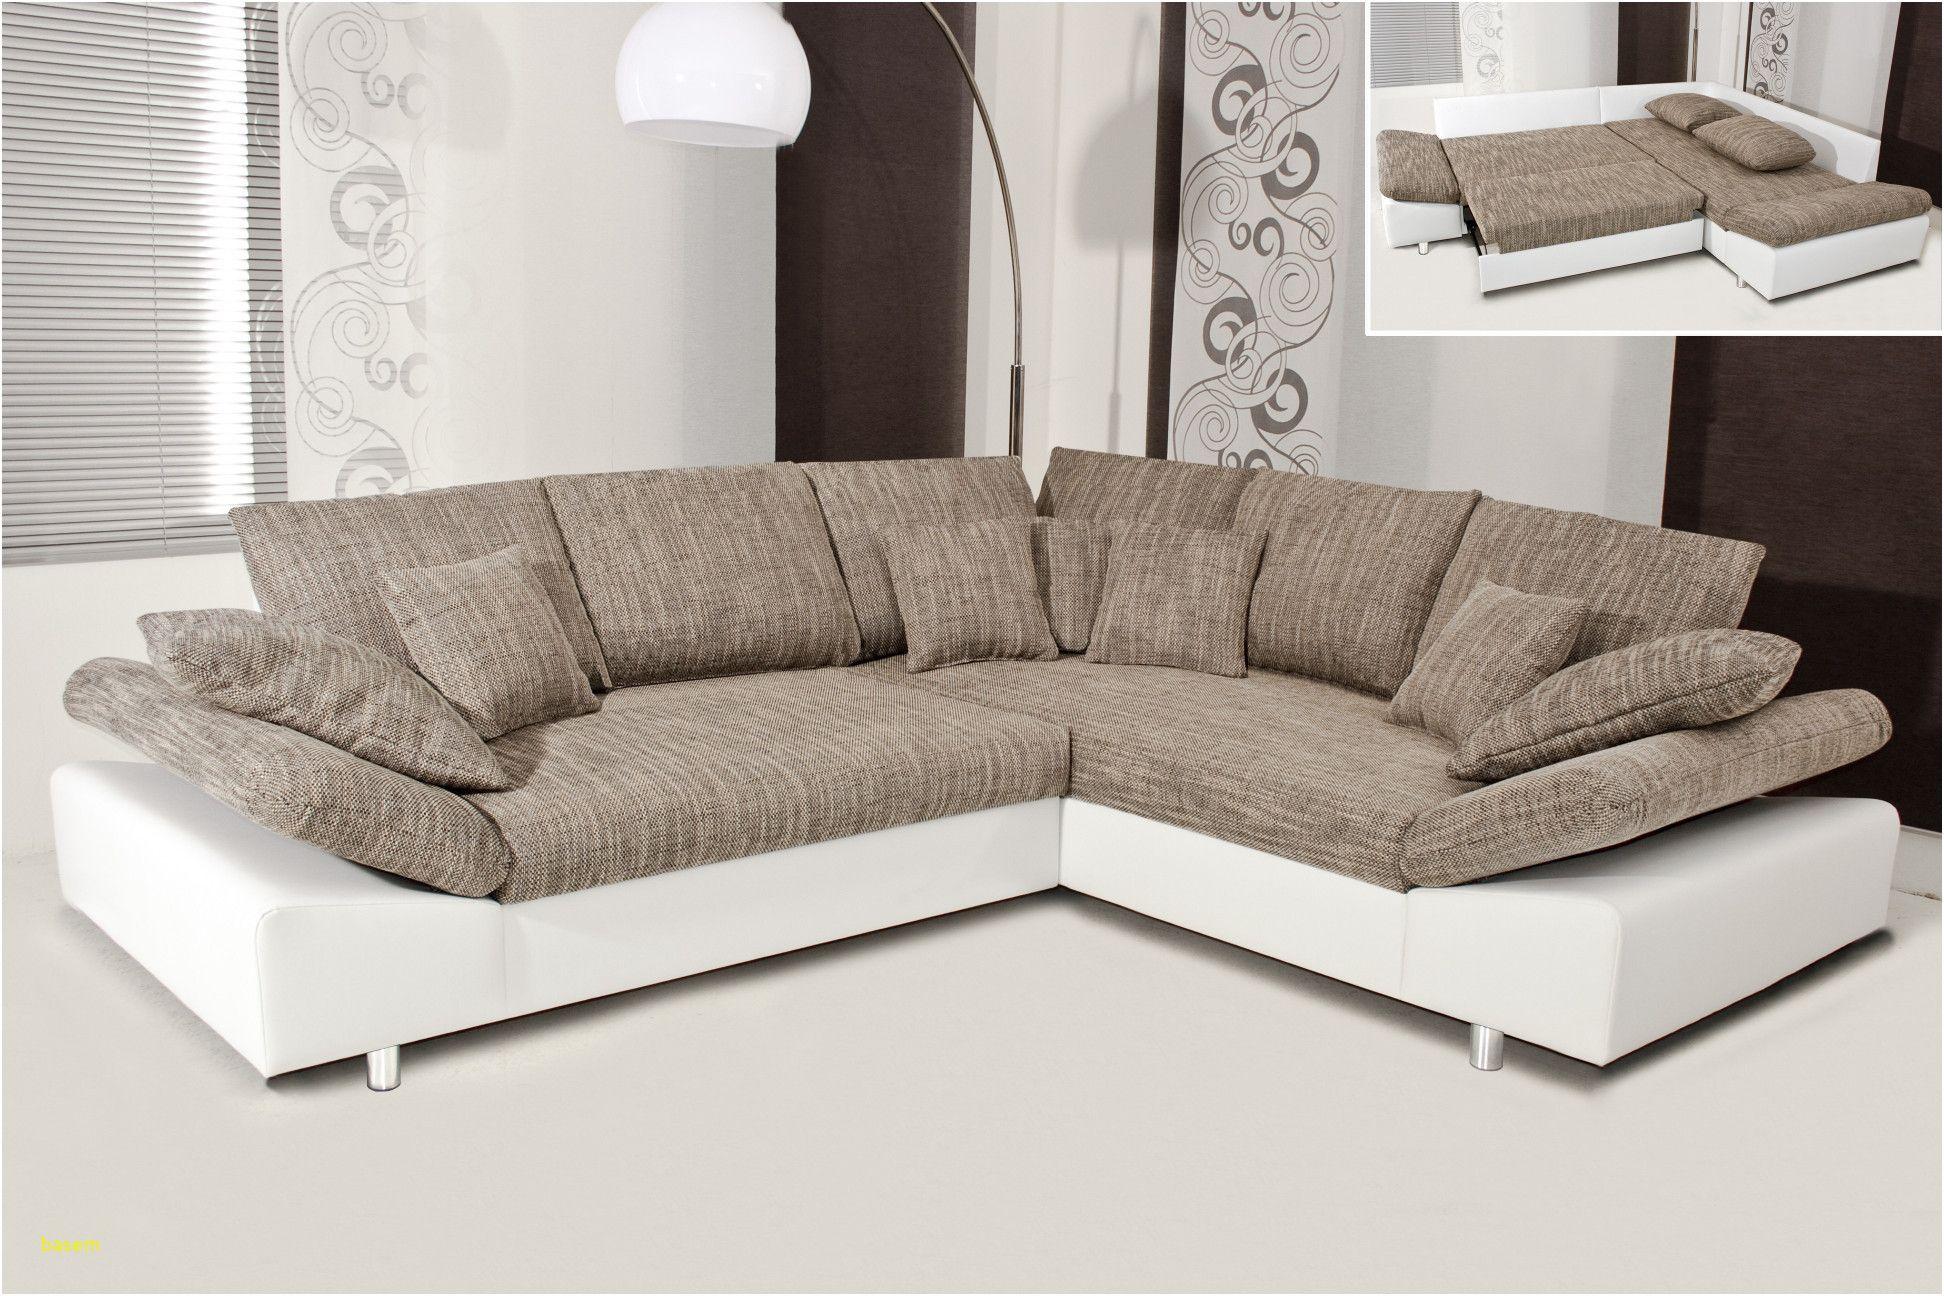 Typisch Otto Wohnzimmer sofa   Couch möbel, Wohnzimmer ...